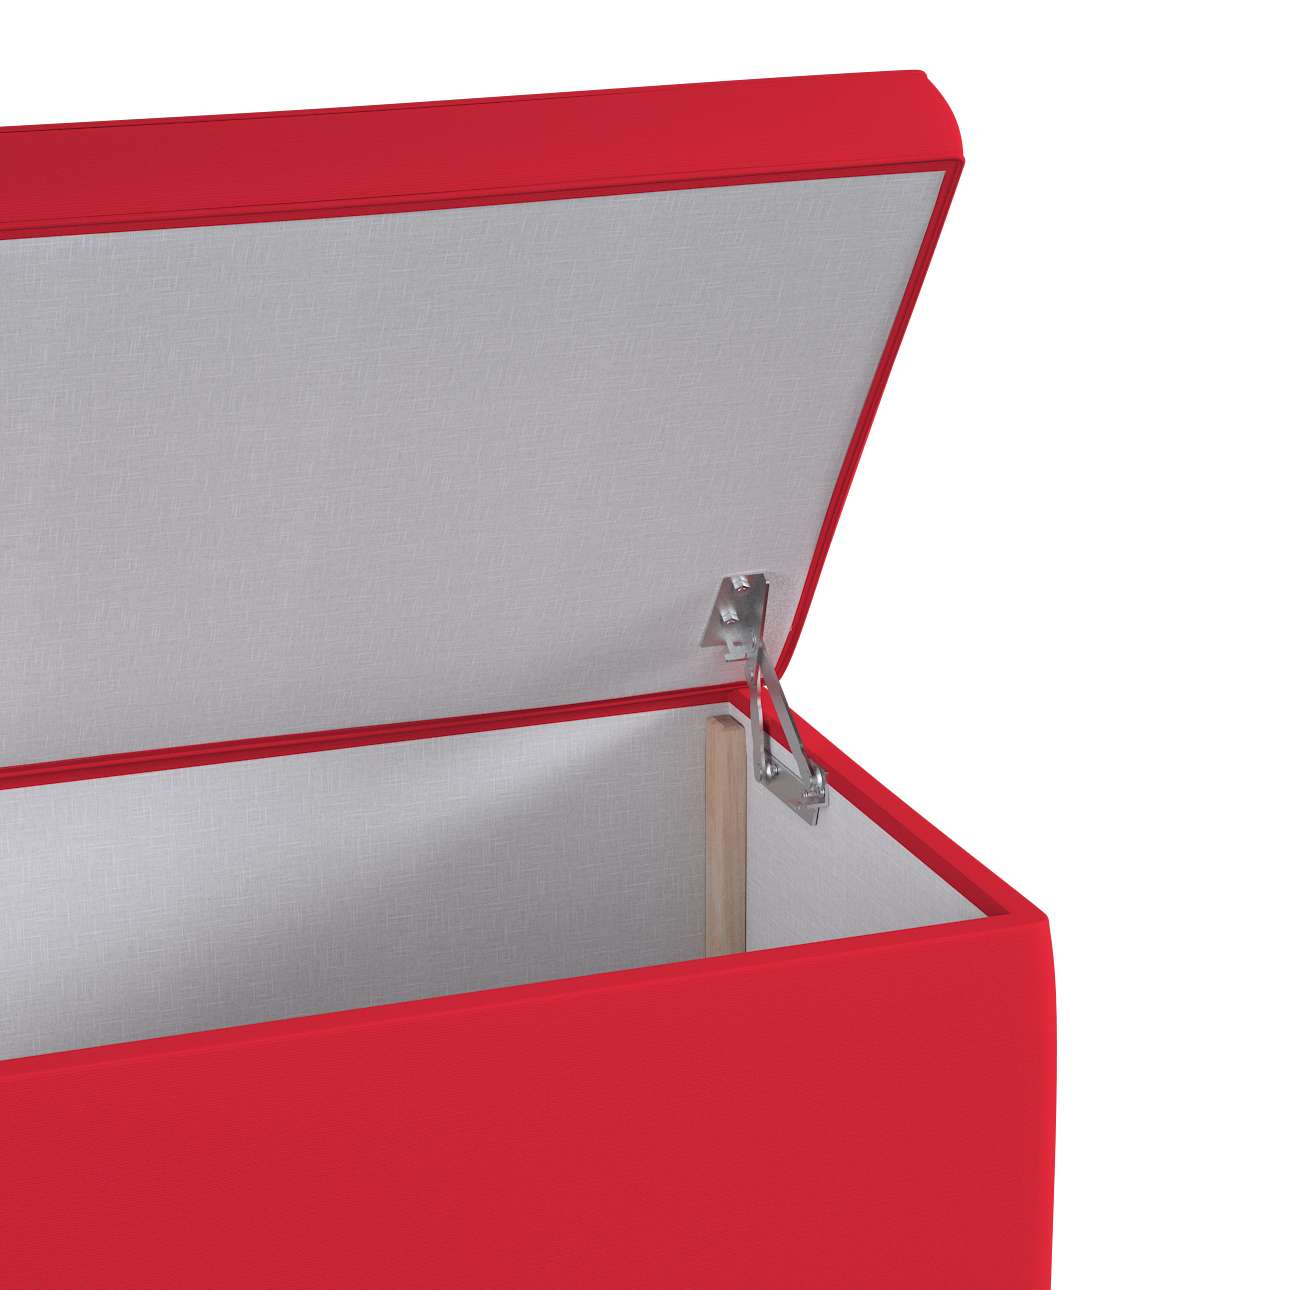 Čalouněná skříň s volbou látky - 2 velikosti v kolekci Cotton Panama, látka: 702-04